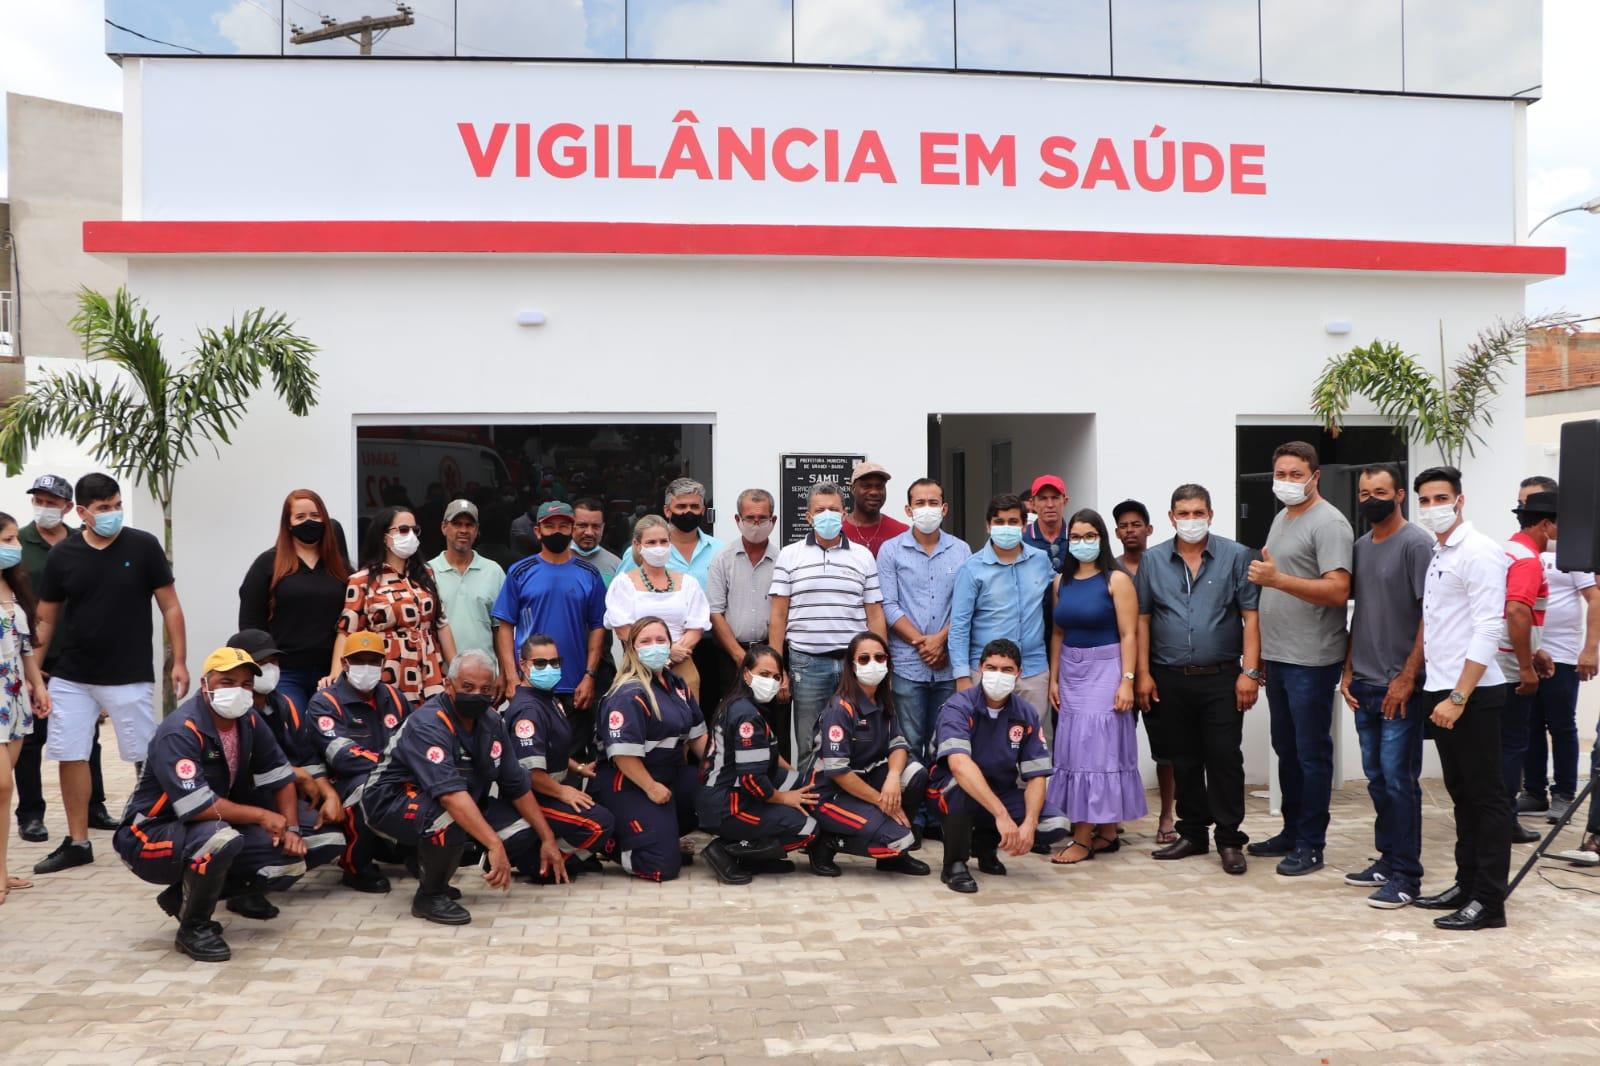 103 ANOS URANDI 2 Deputado Charles Fernandes destaca parcerias com Serra do Ramalho e Urandi